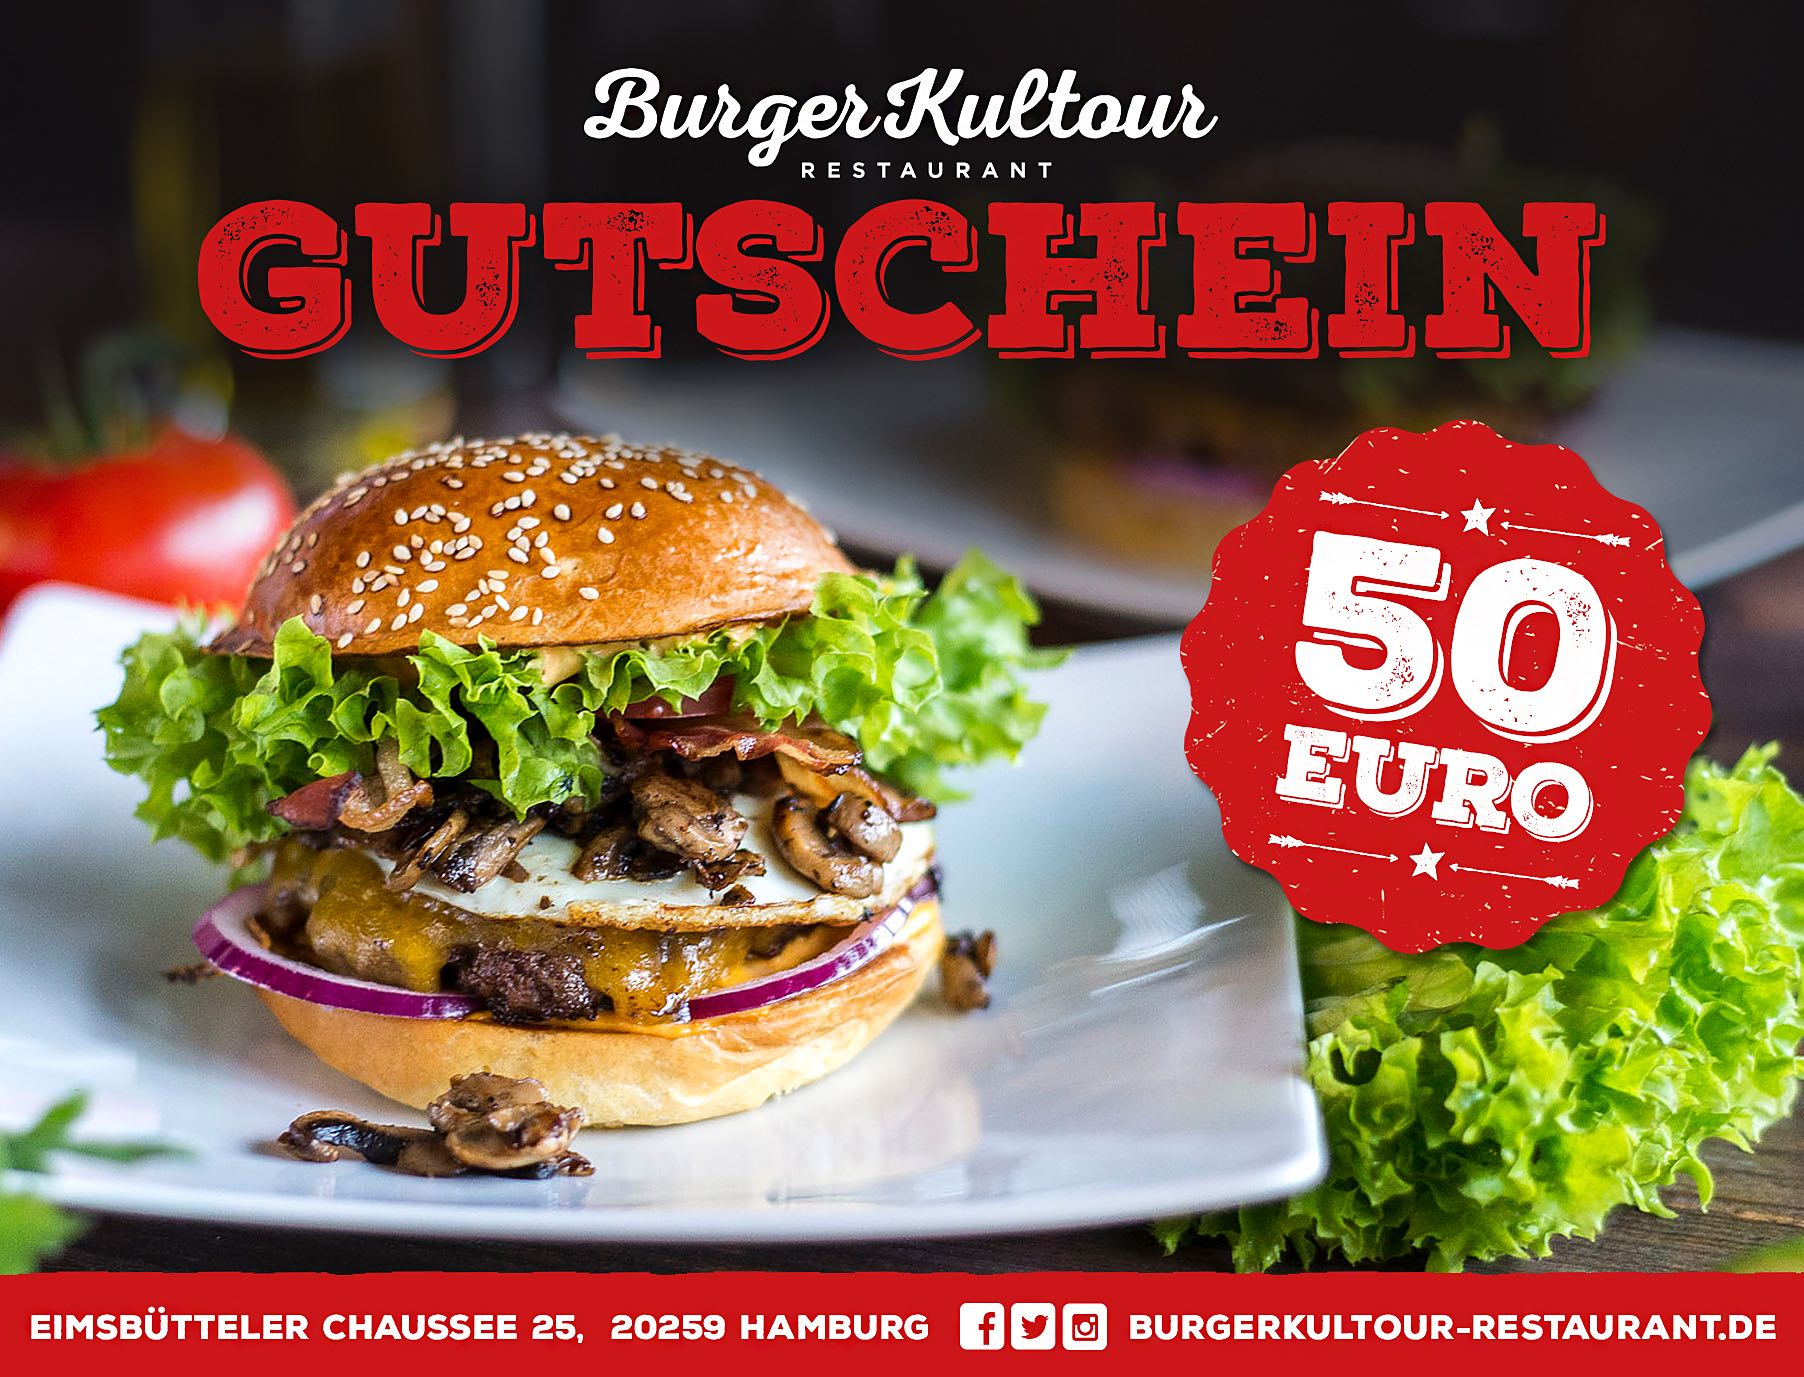 bk_gutschein_50euro